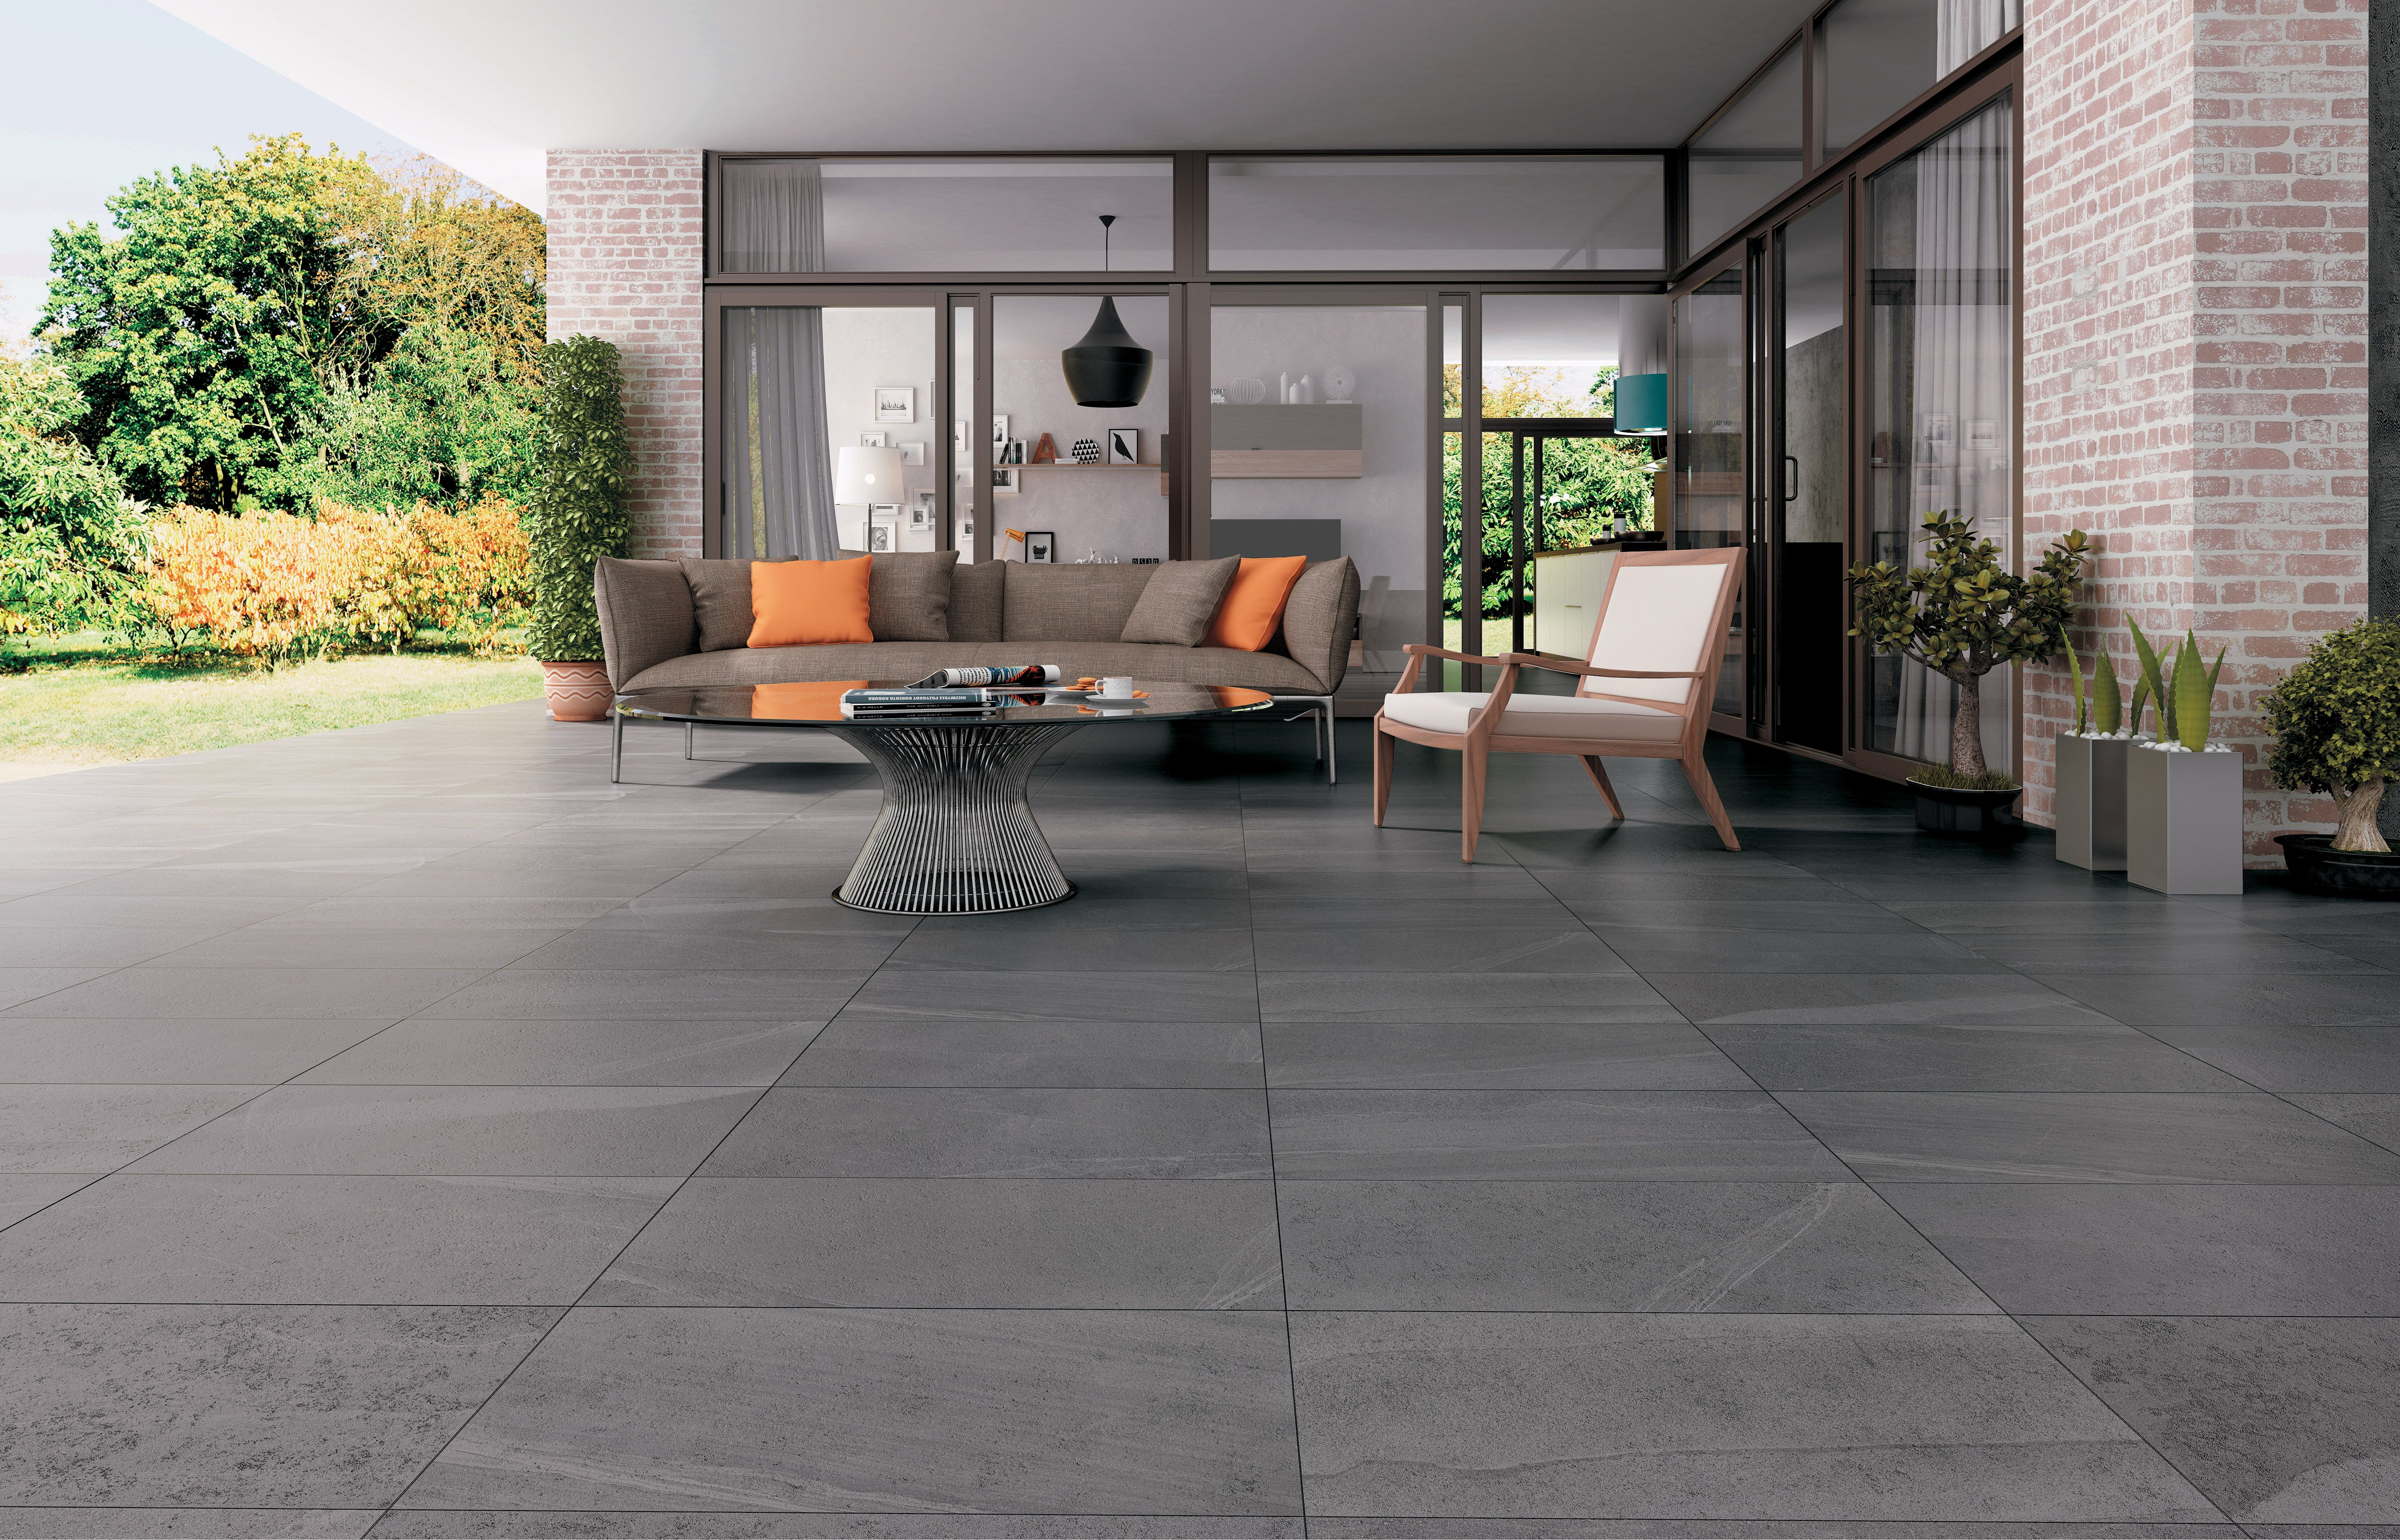 Terracota Pavimento De Gres Coleccion Dolomite 45 X 90 Cm Las Baldosas Ceramicas Pueden Servirnos De Aliadas A La Ho Pavimento Ceramico Exterior Pavimento